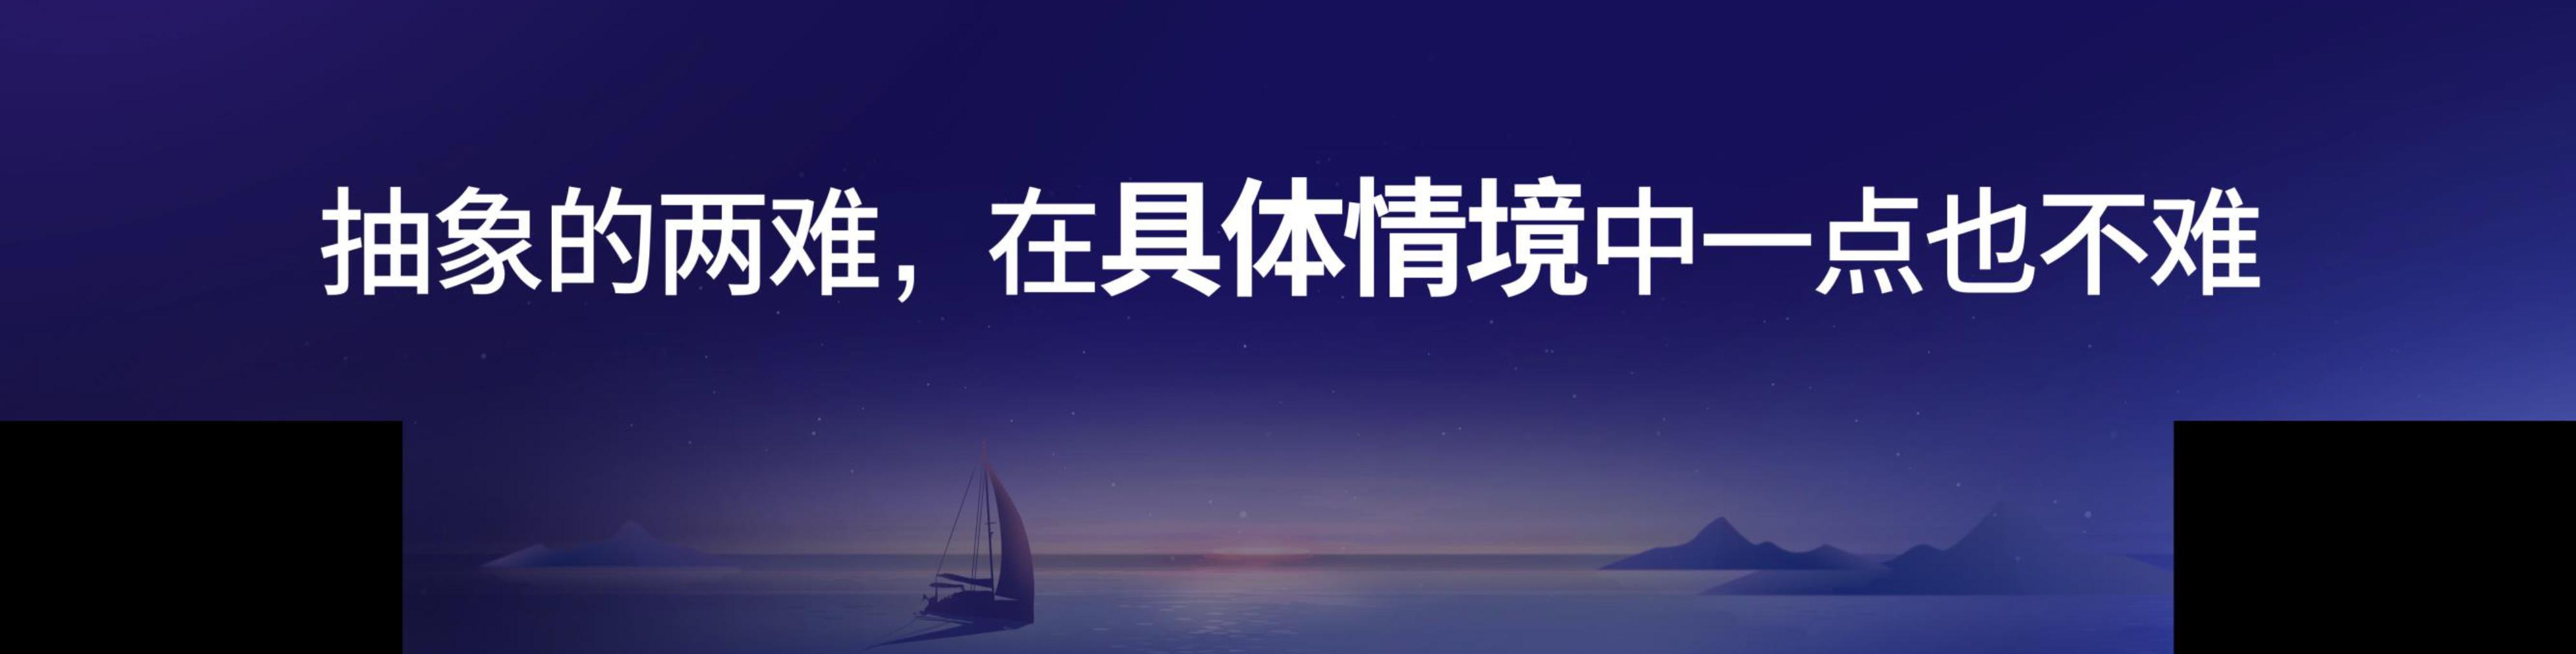 2019罗振宇《时间的朋友:跨年演讲》PPT大赏+免费